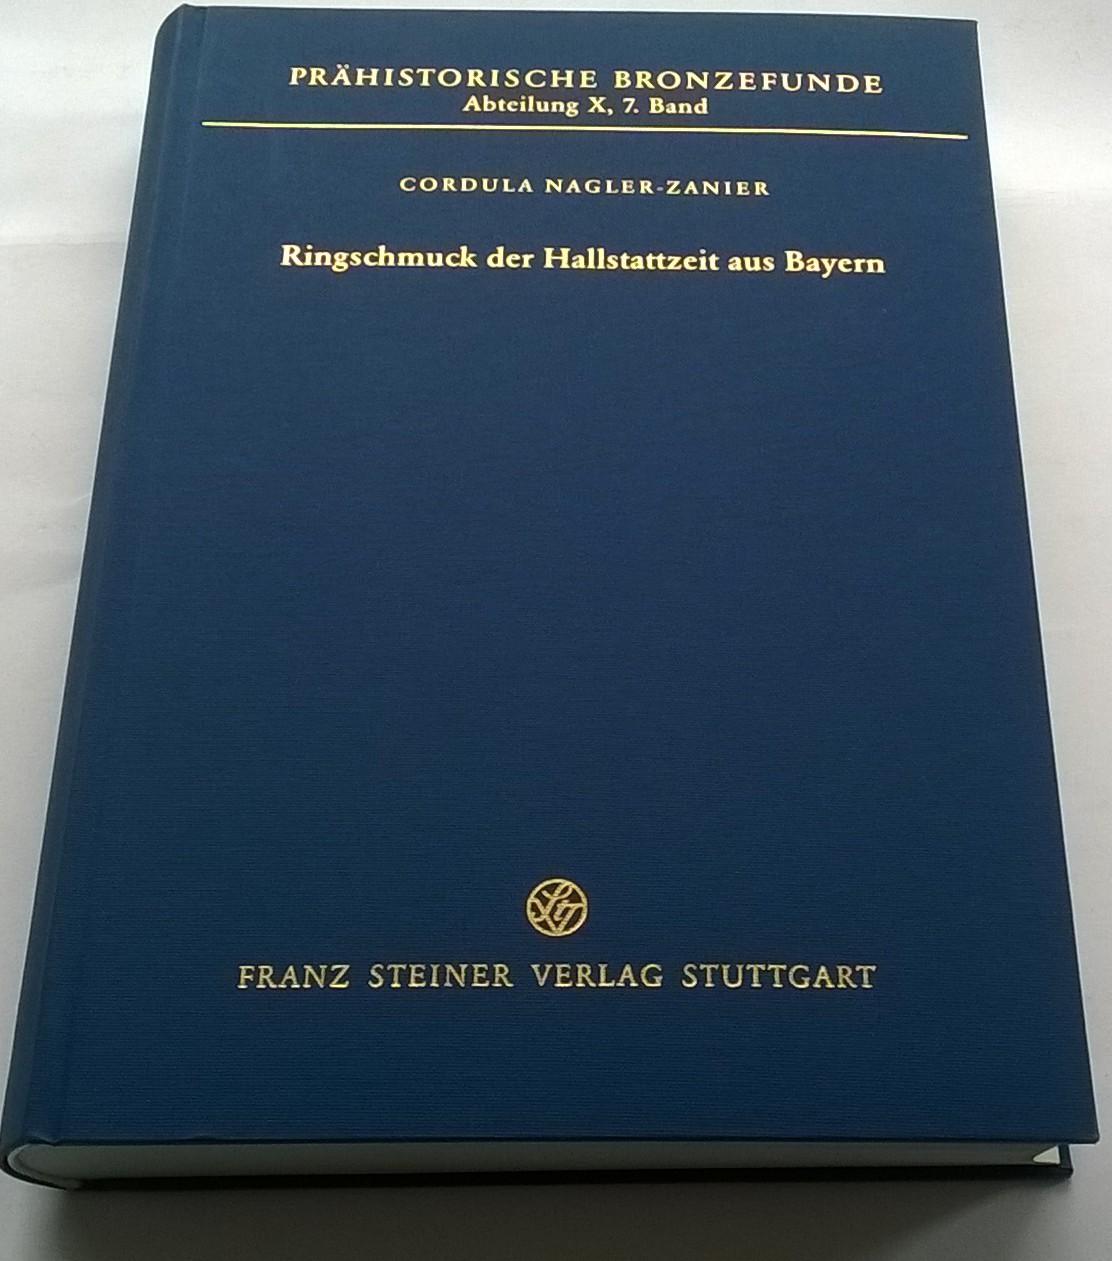 Prahistorische Bronzefunde Abteilung X, 7. Band :Ringschmuck de Hallstattzeit aus Bayern, Nagler-Zanier, Cordula ;